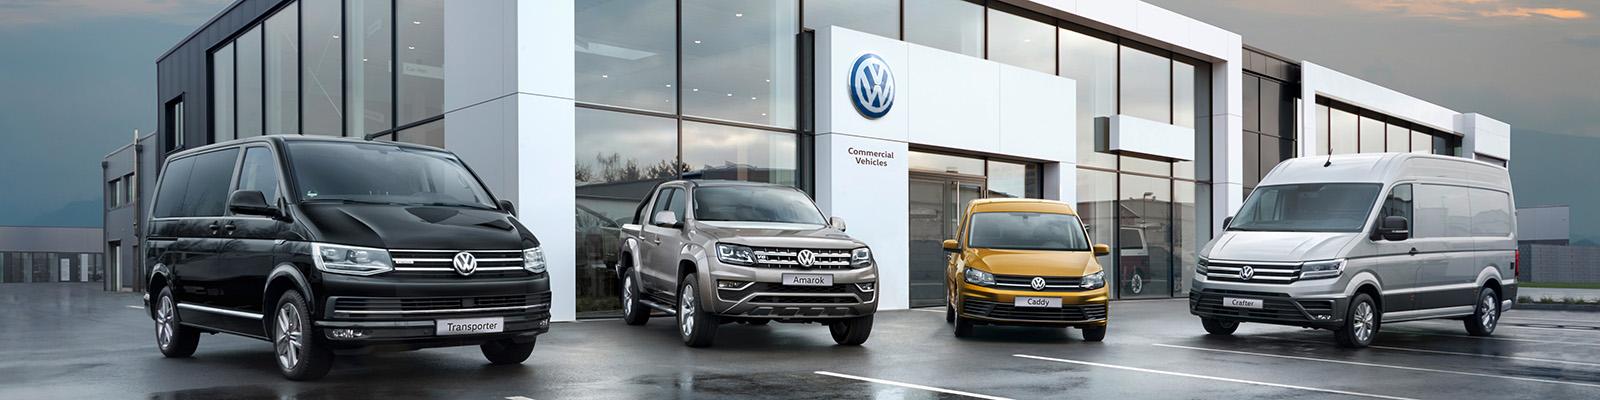 Volkswagen Vehículos Comerciales Renting